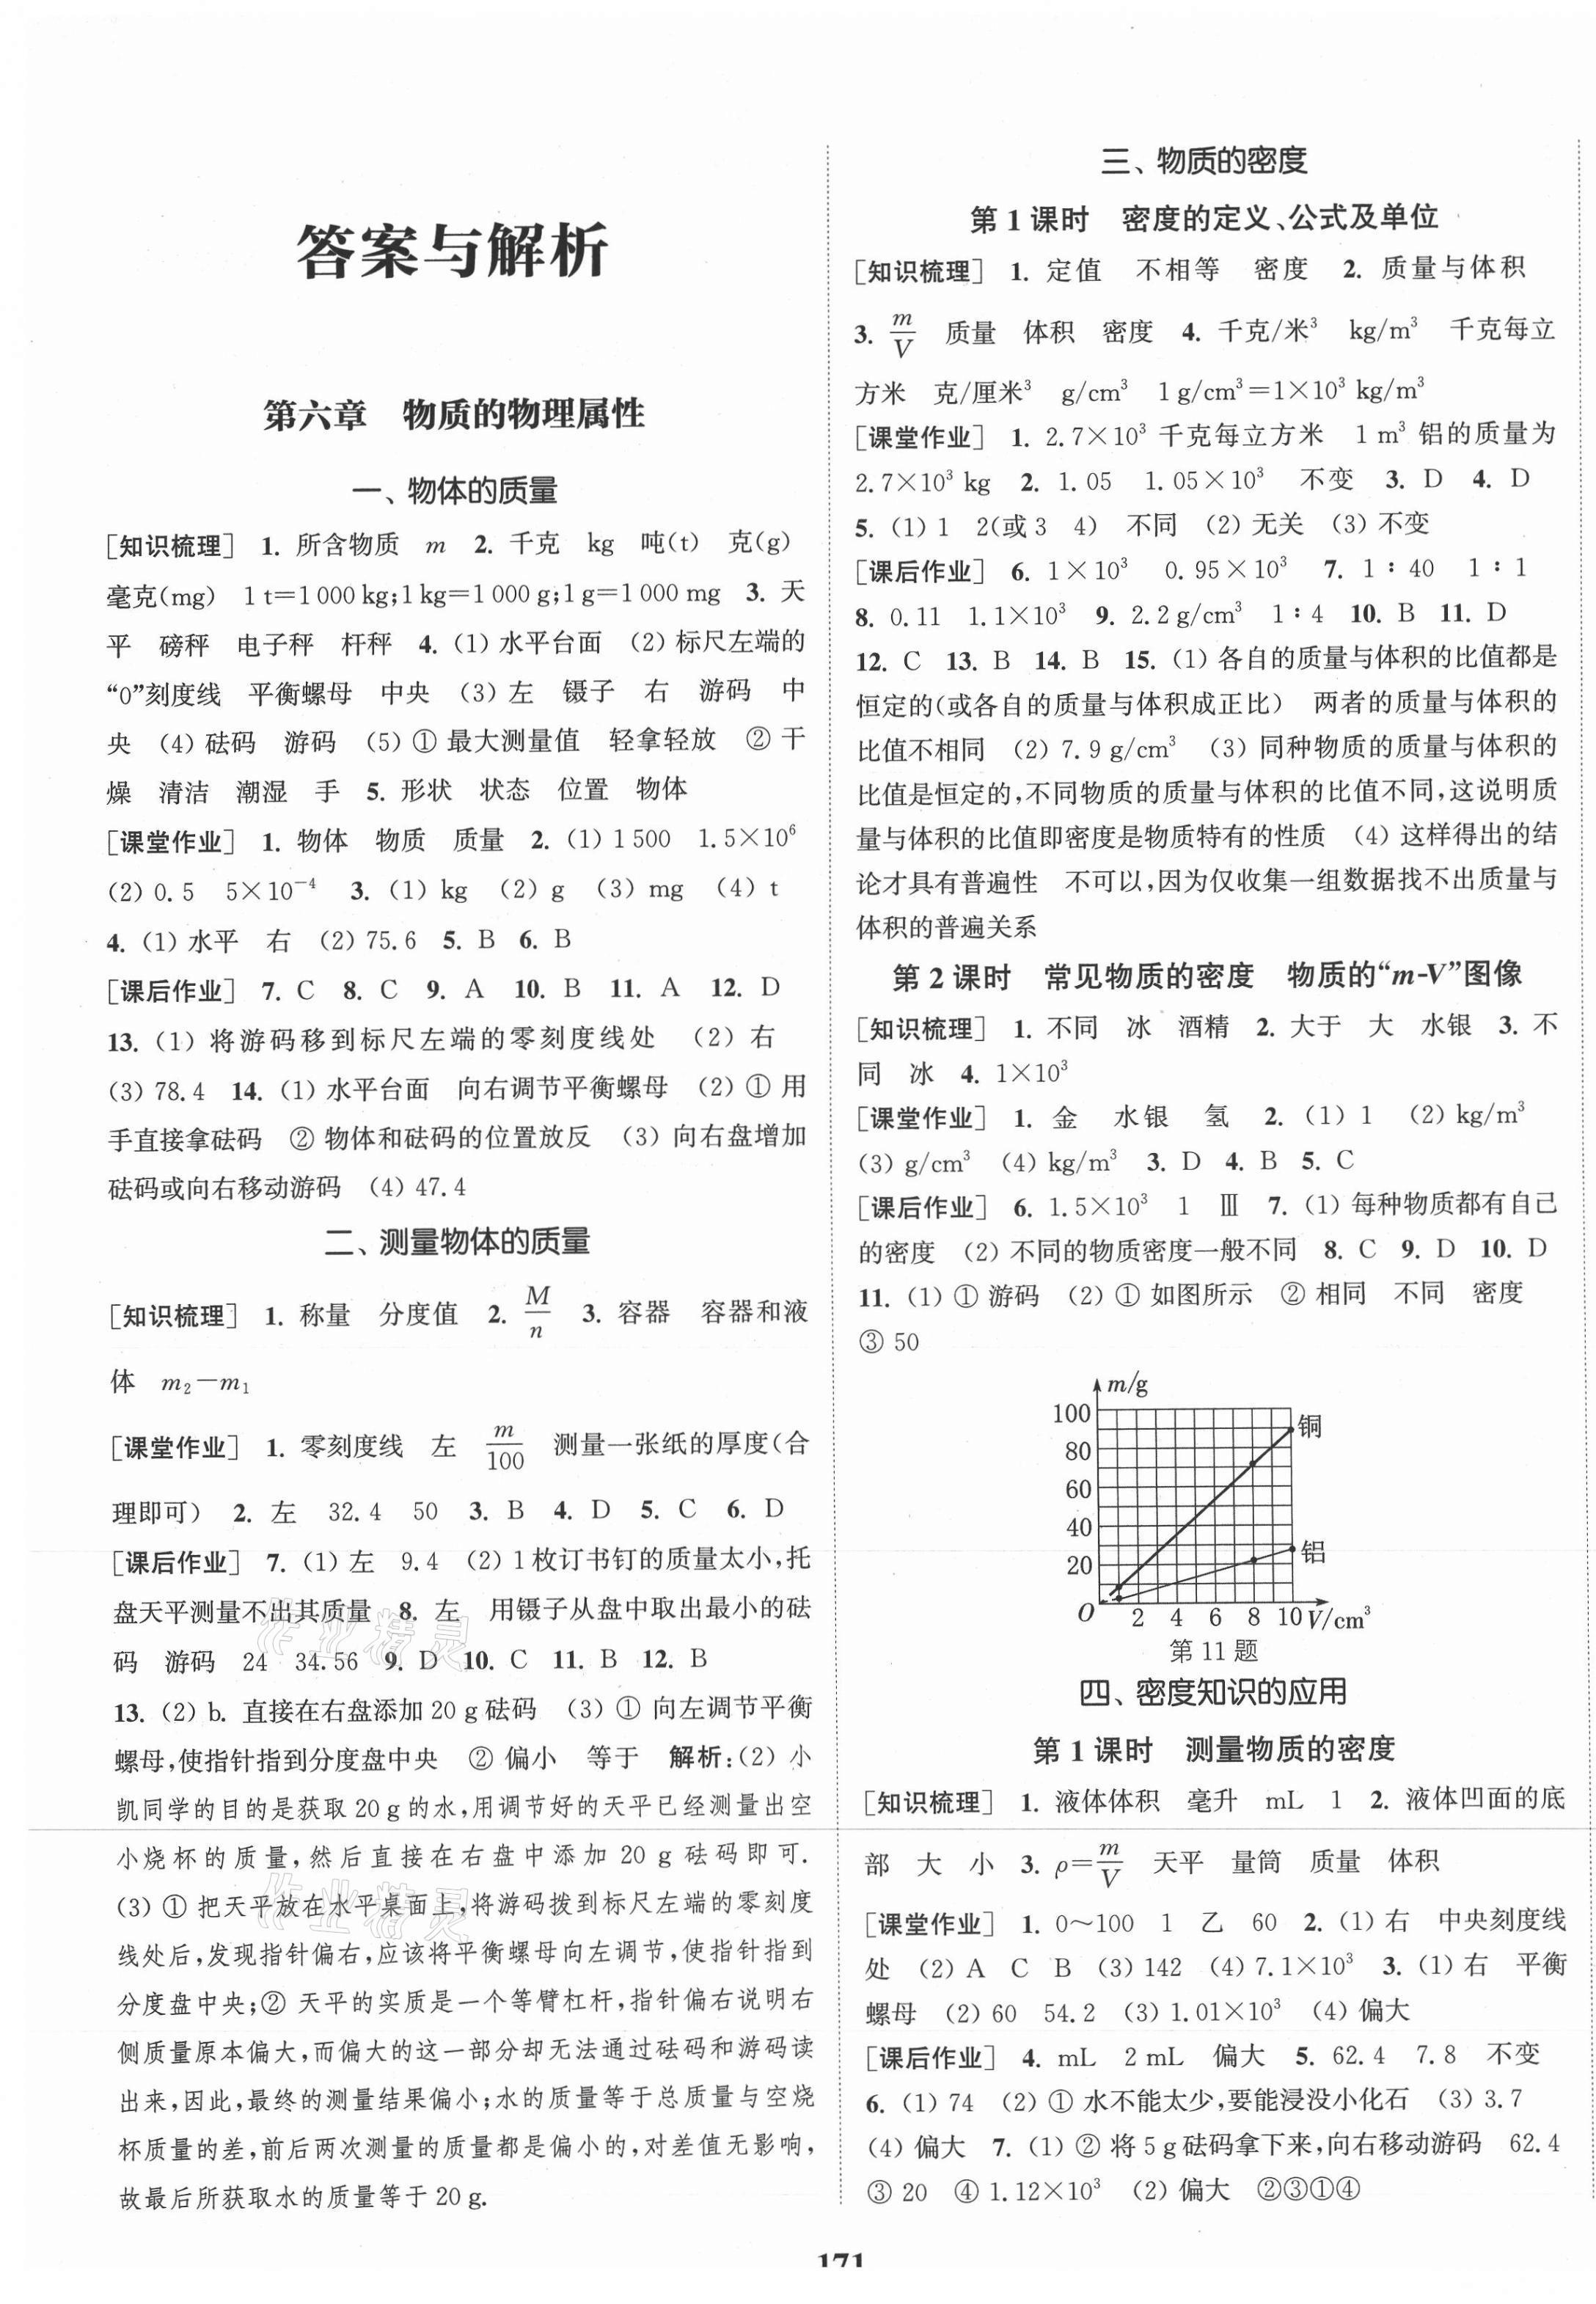 2021年通城學典課時作業本八年級物理下冊蘇科版江蘇專用第1頁